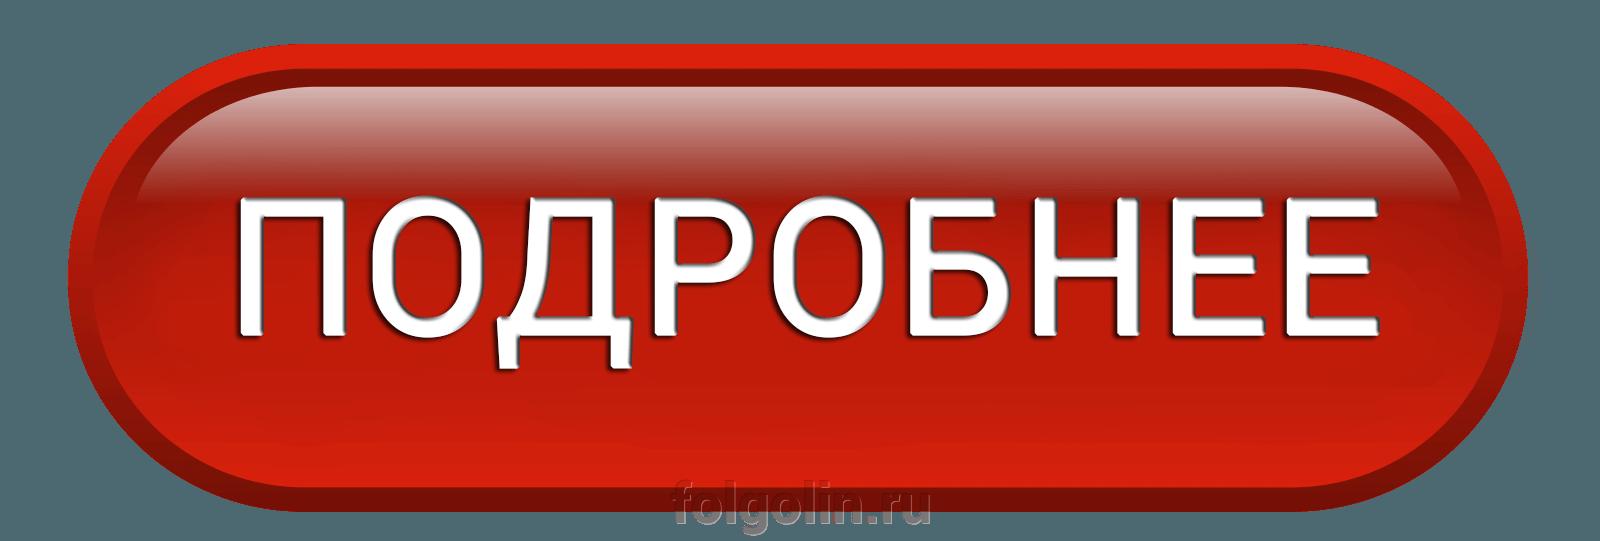 Готовые решения - фото pic_7e514cf57dedf2864a3a4059abc3f7b3_1920x9000_1.png